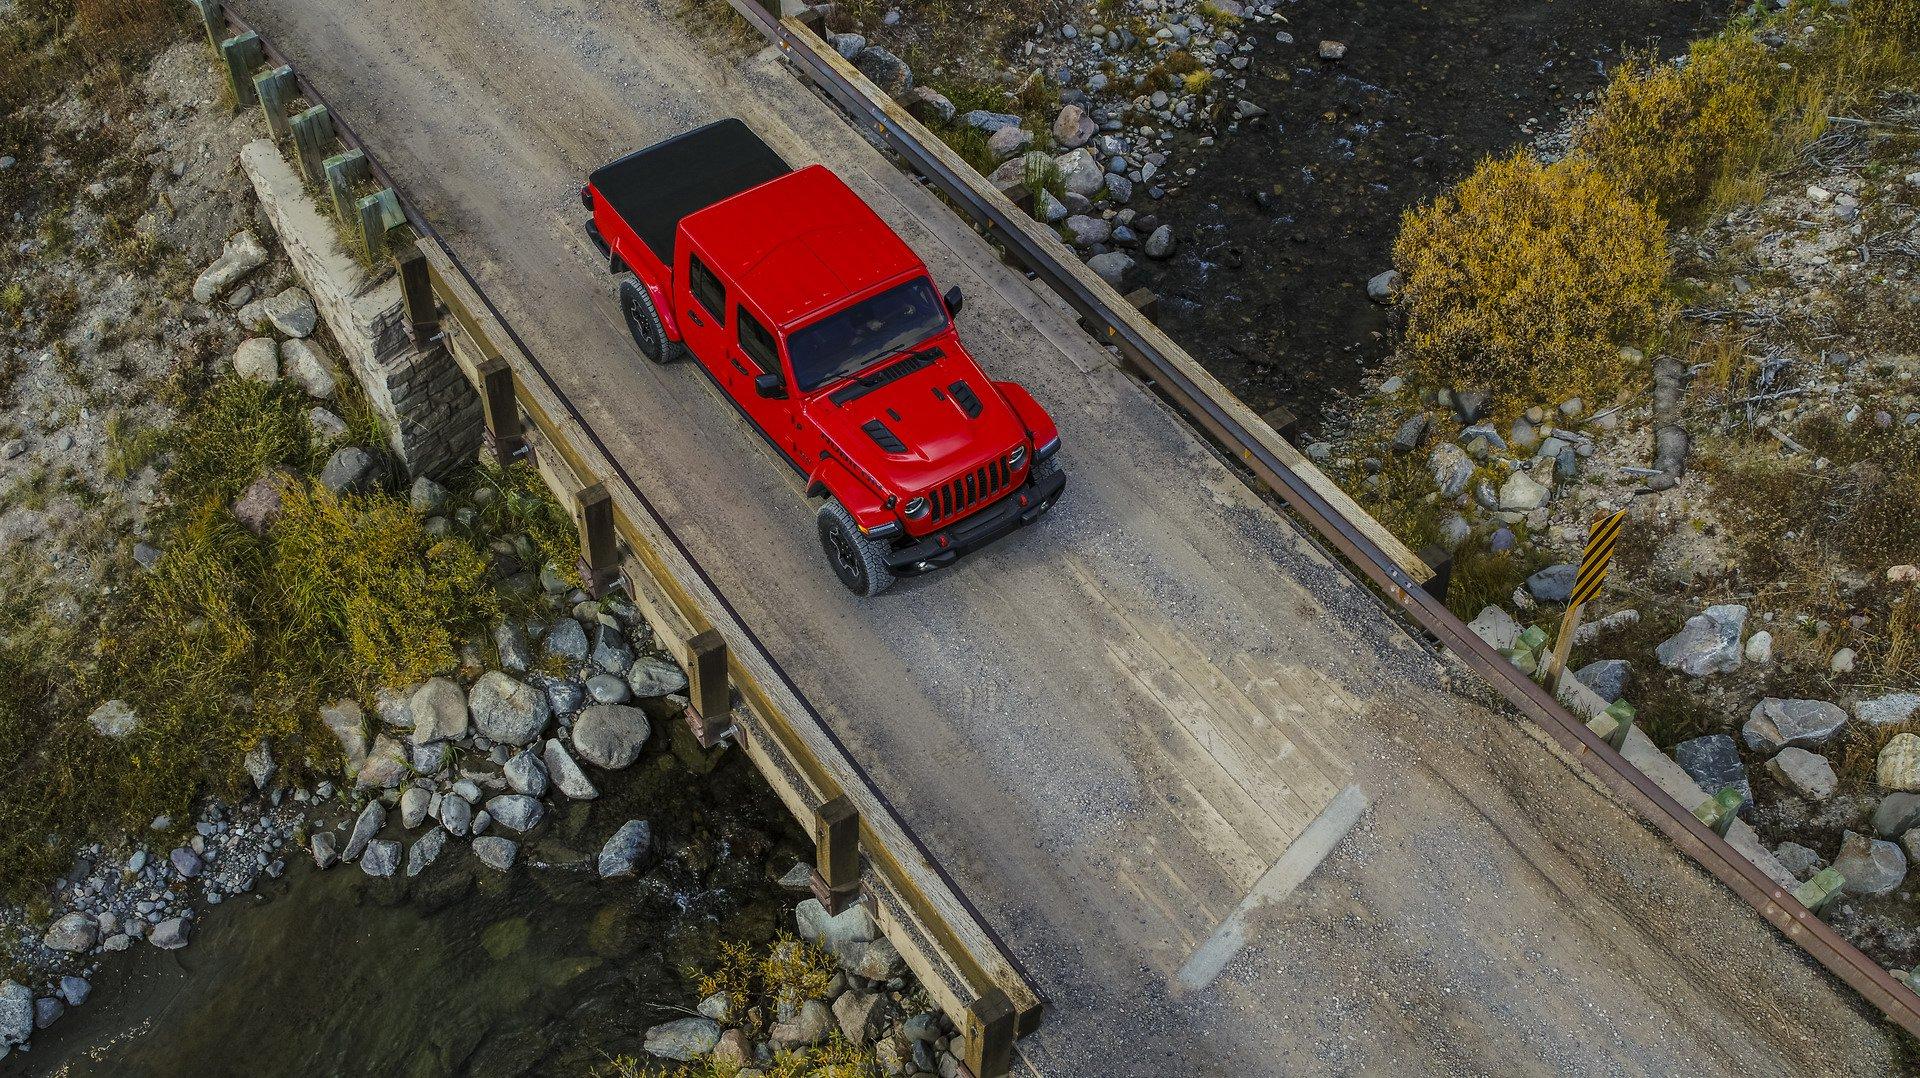 Jeep Gladiator 2019 (120)